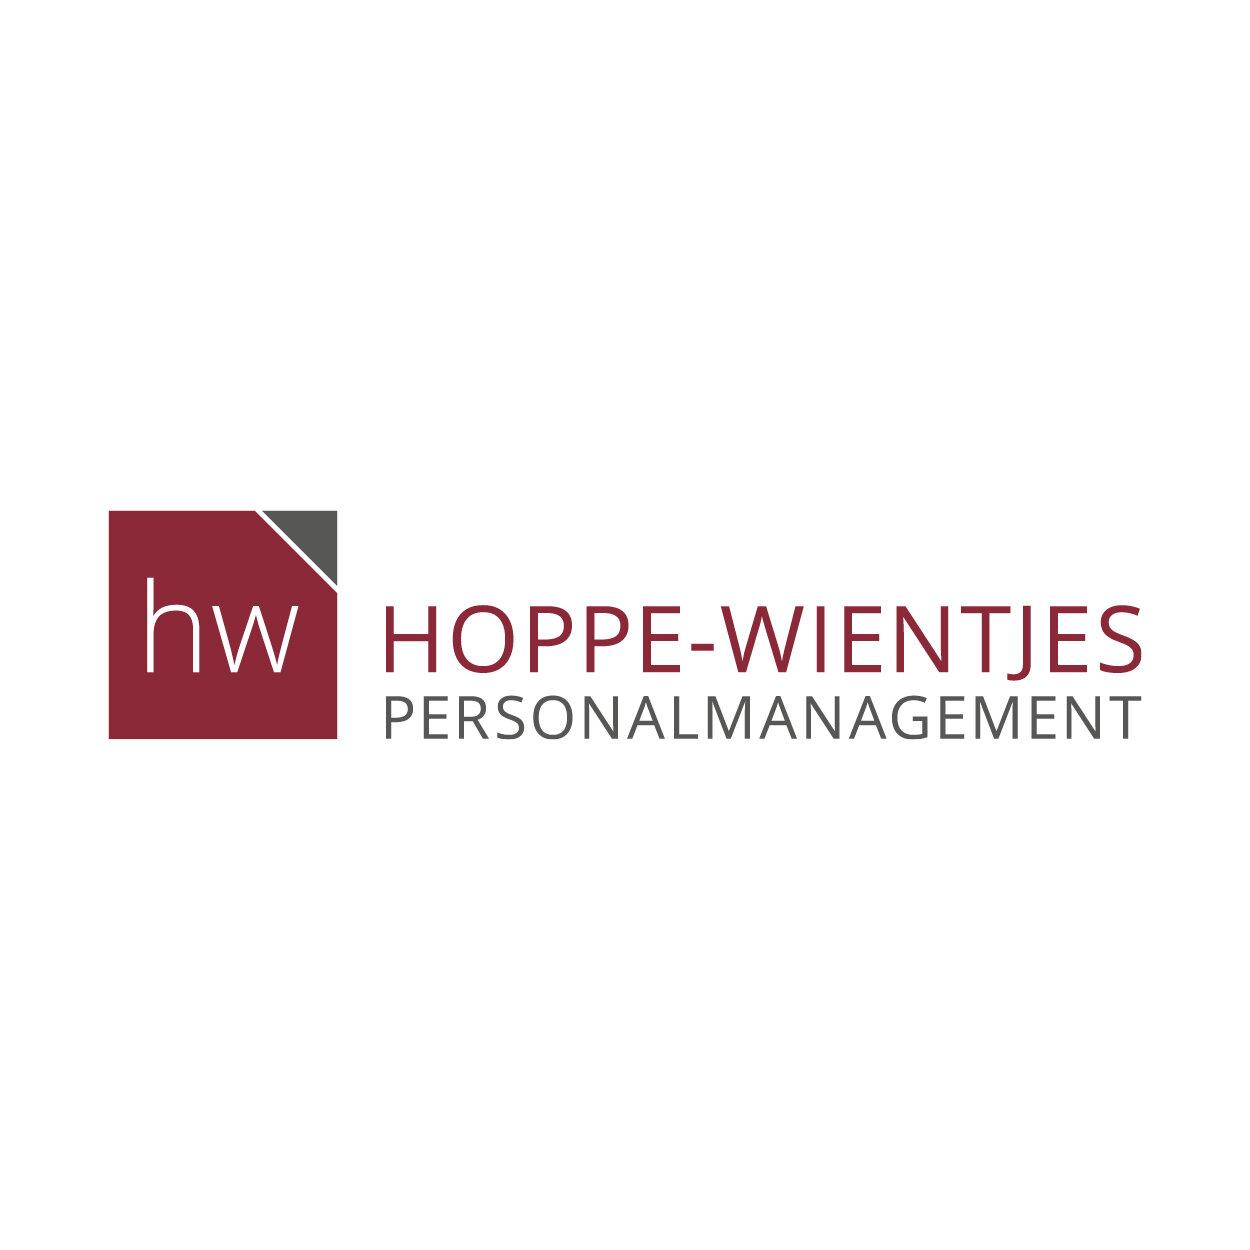 https://www.hw-personalmanagement.de